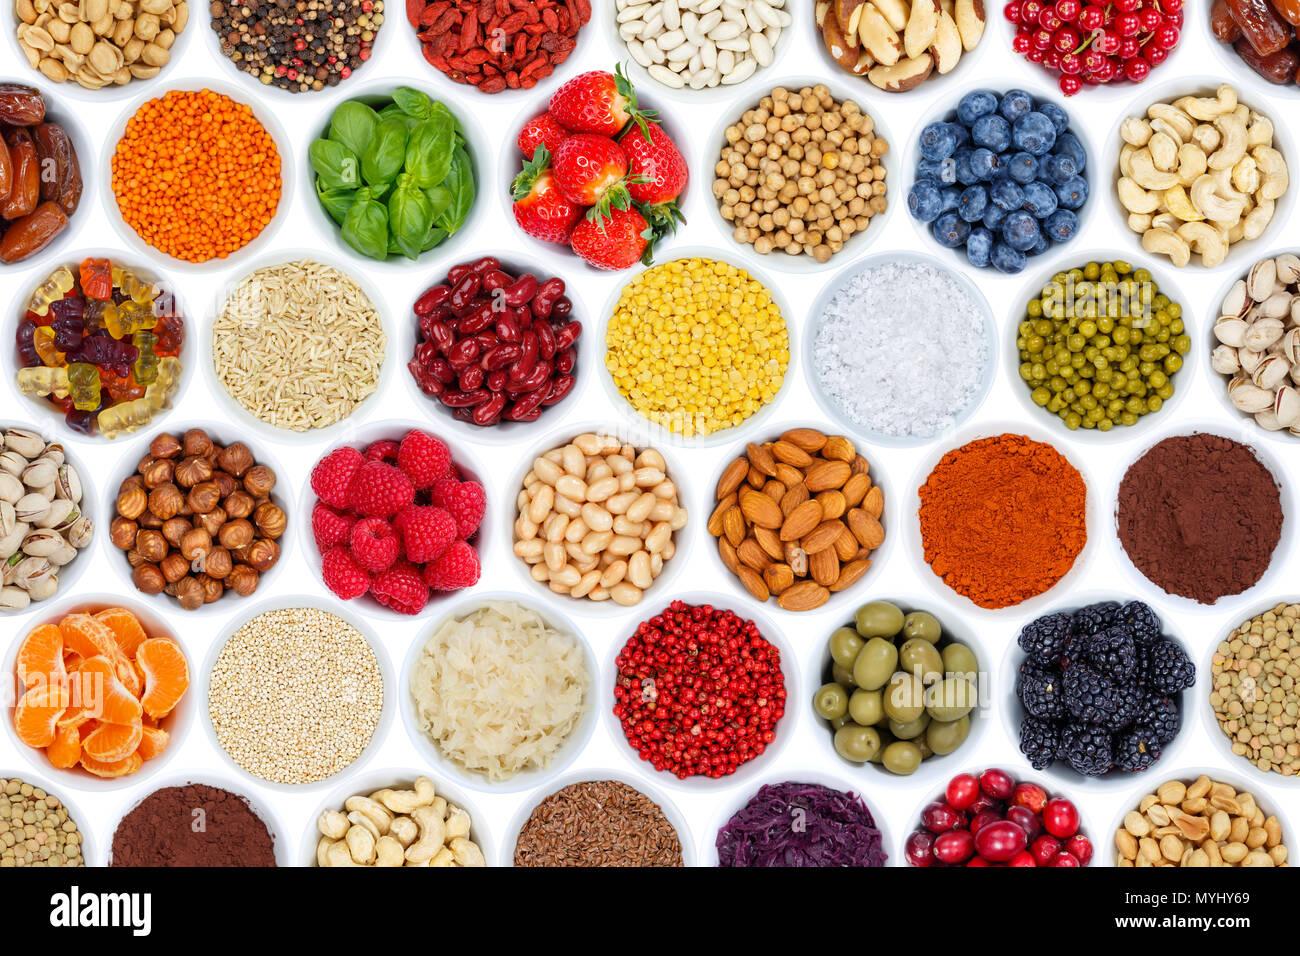 La recolección de frutas y verduras bayas antecedentes desde arriba aislado sobre un fondo blanco. Imagen De Stock